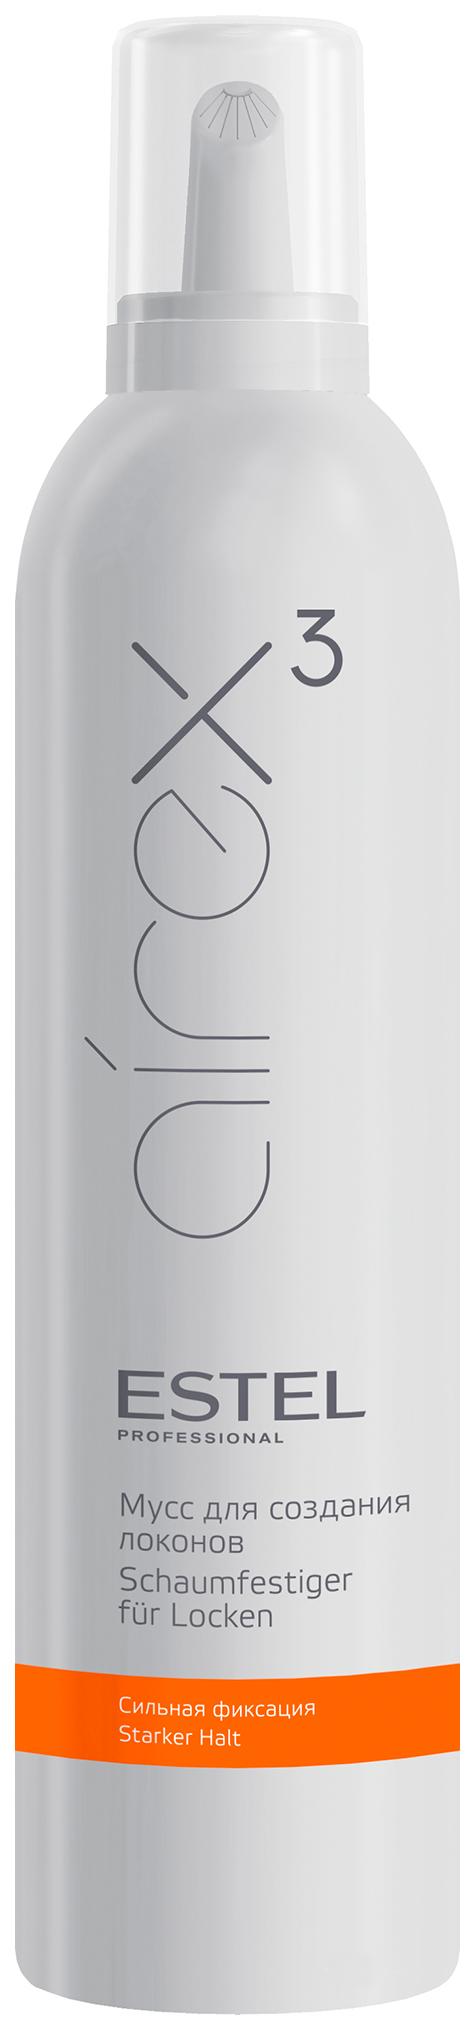 Мусс для волос Estel Professional Airex для создания локонов сильной фиксации 400 мл